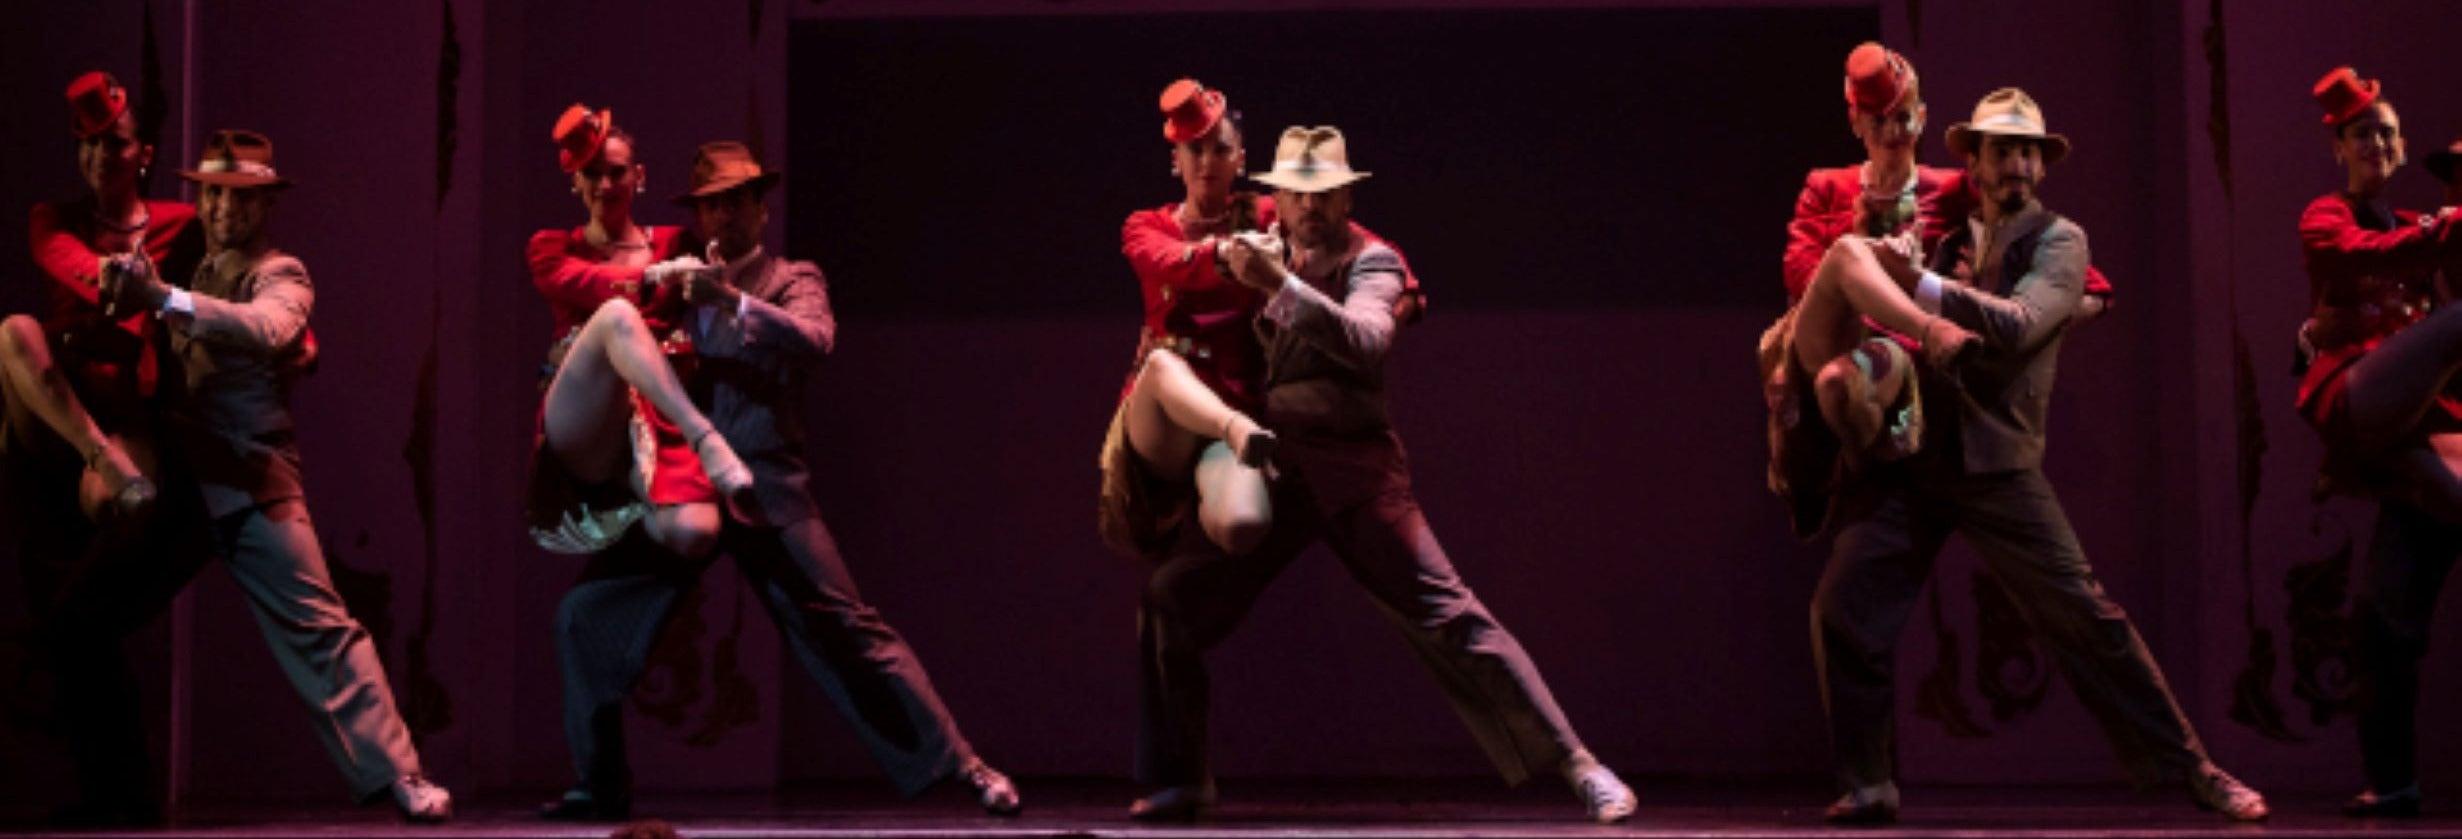 Espectáculo de tango en Café de los Angelitos